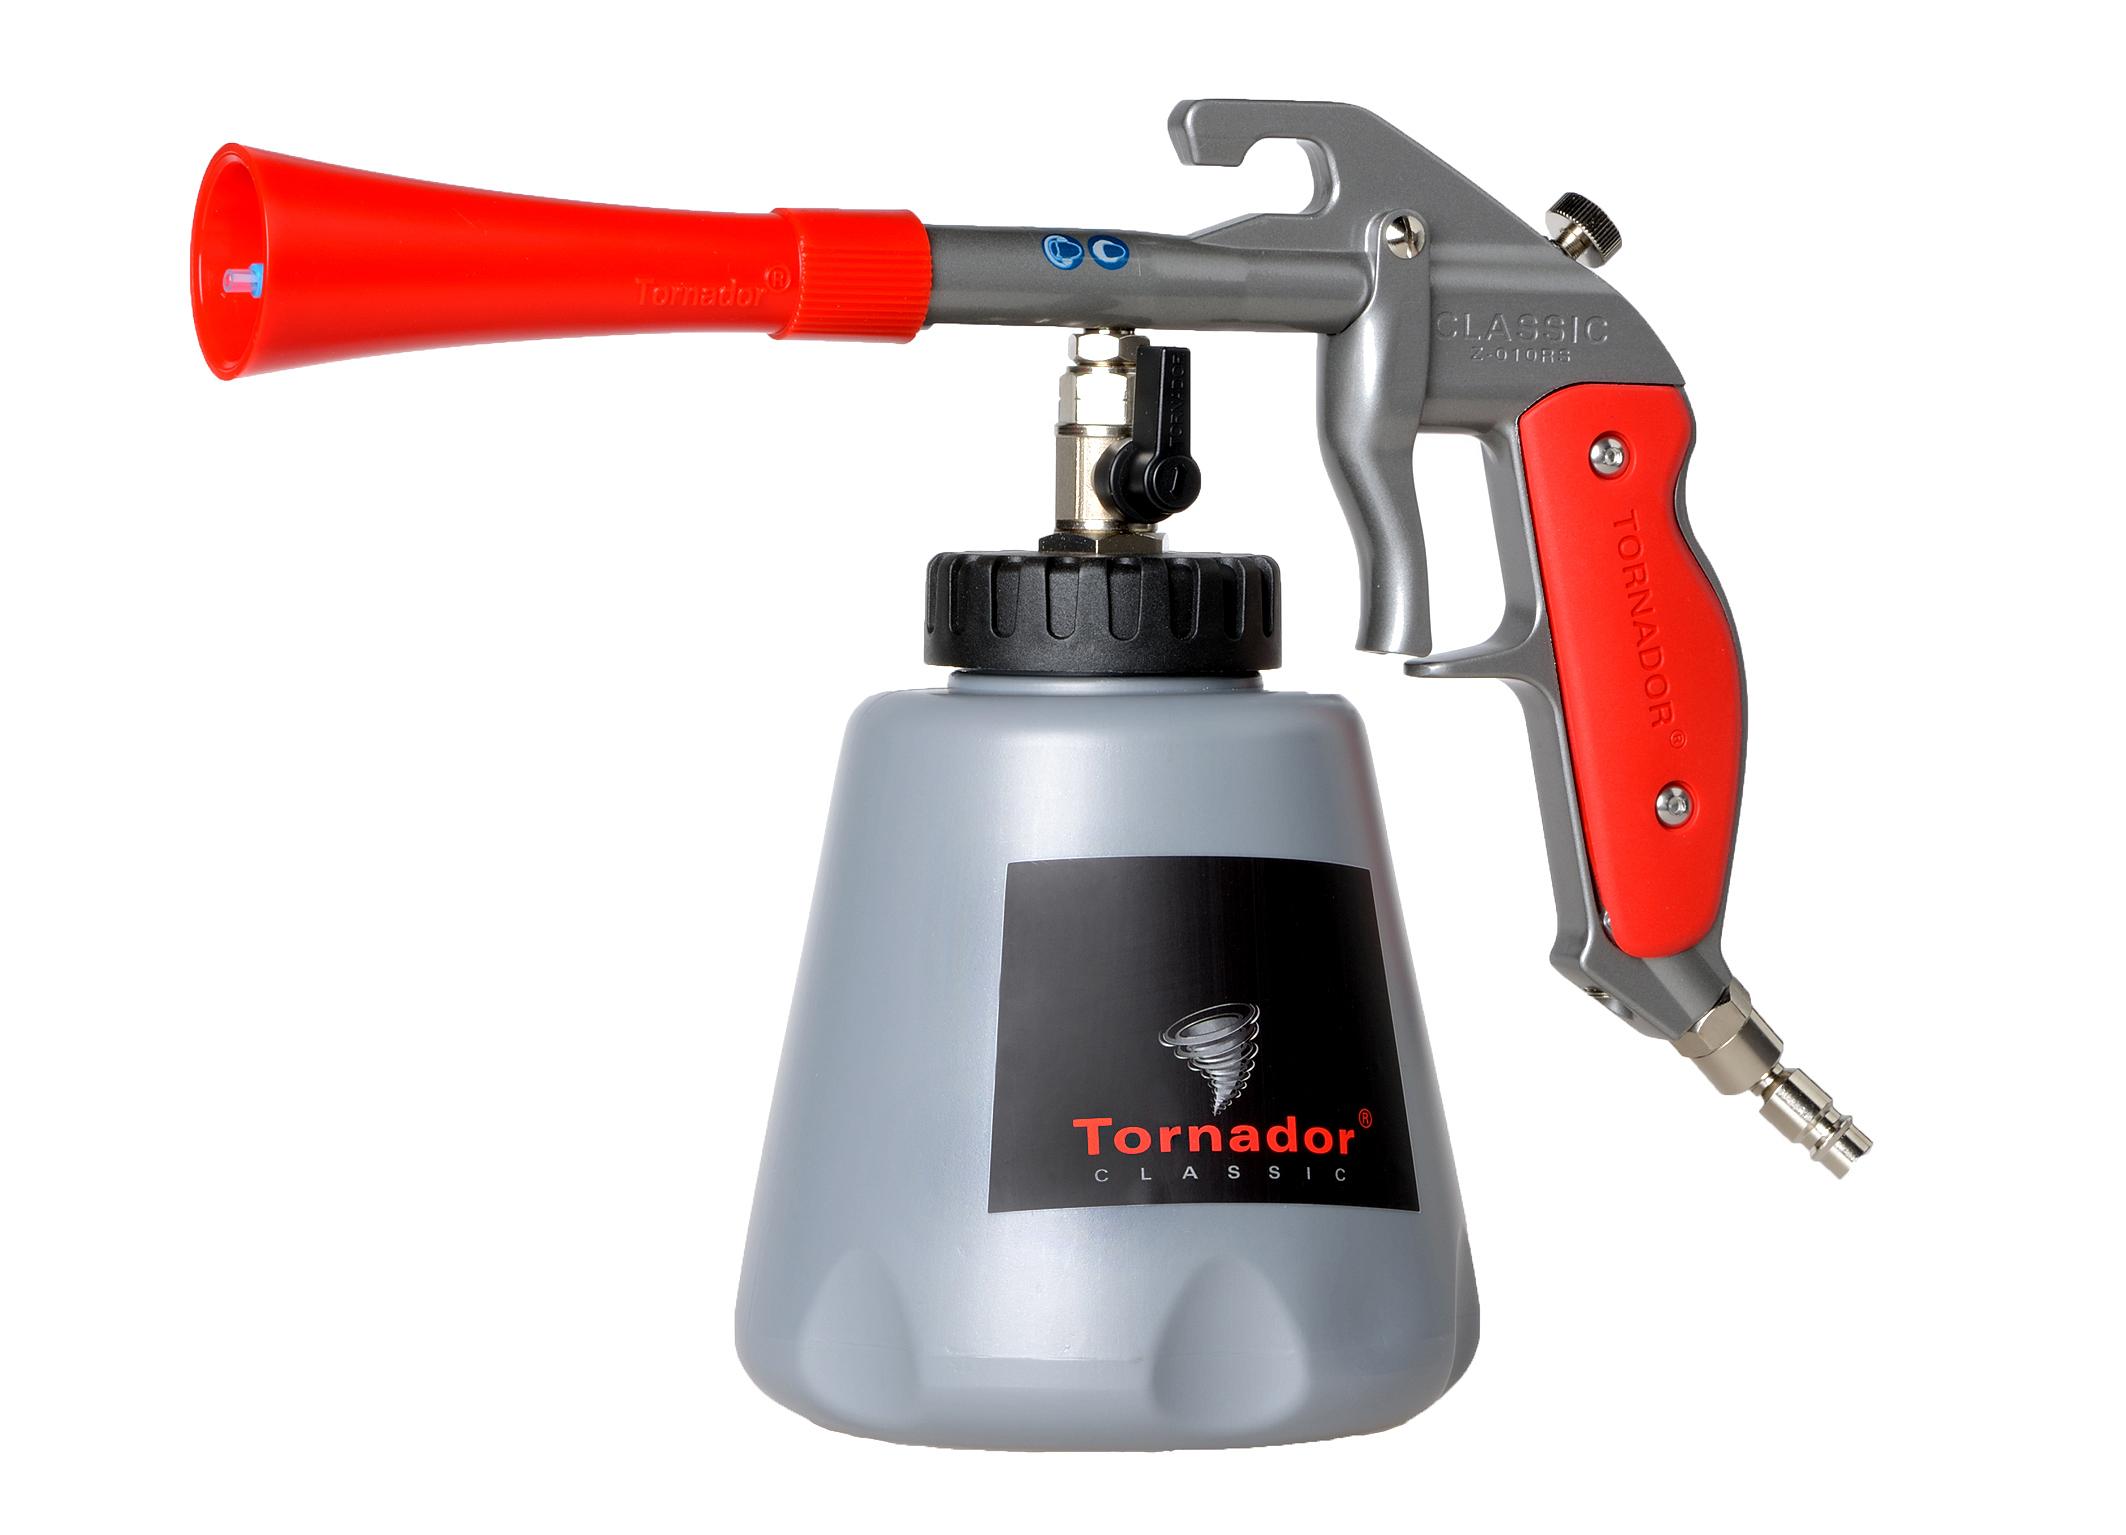 Tornador BLACK Z-010RS Reinigungspistole stärkerer Impuls und mehr Power 602410